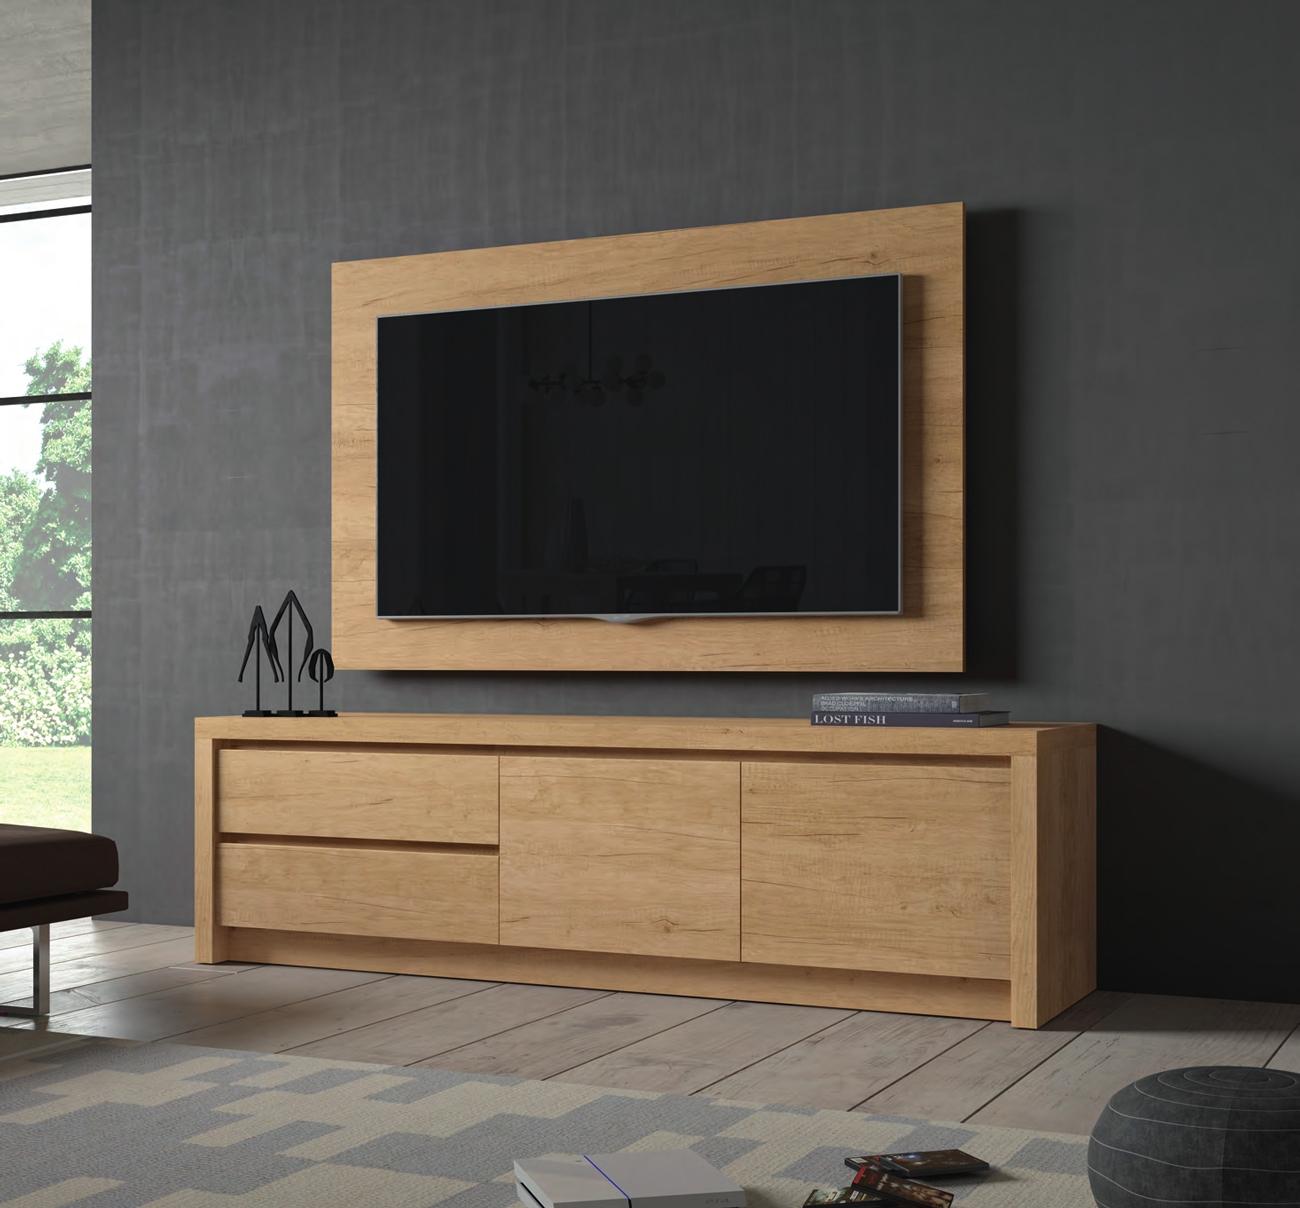 Mueble de TV D101C - Mueble de TV D101C, Mueble TV en color Teka junto con un panel TV